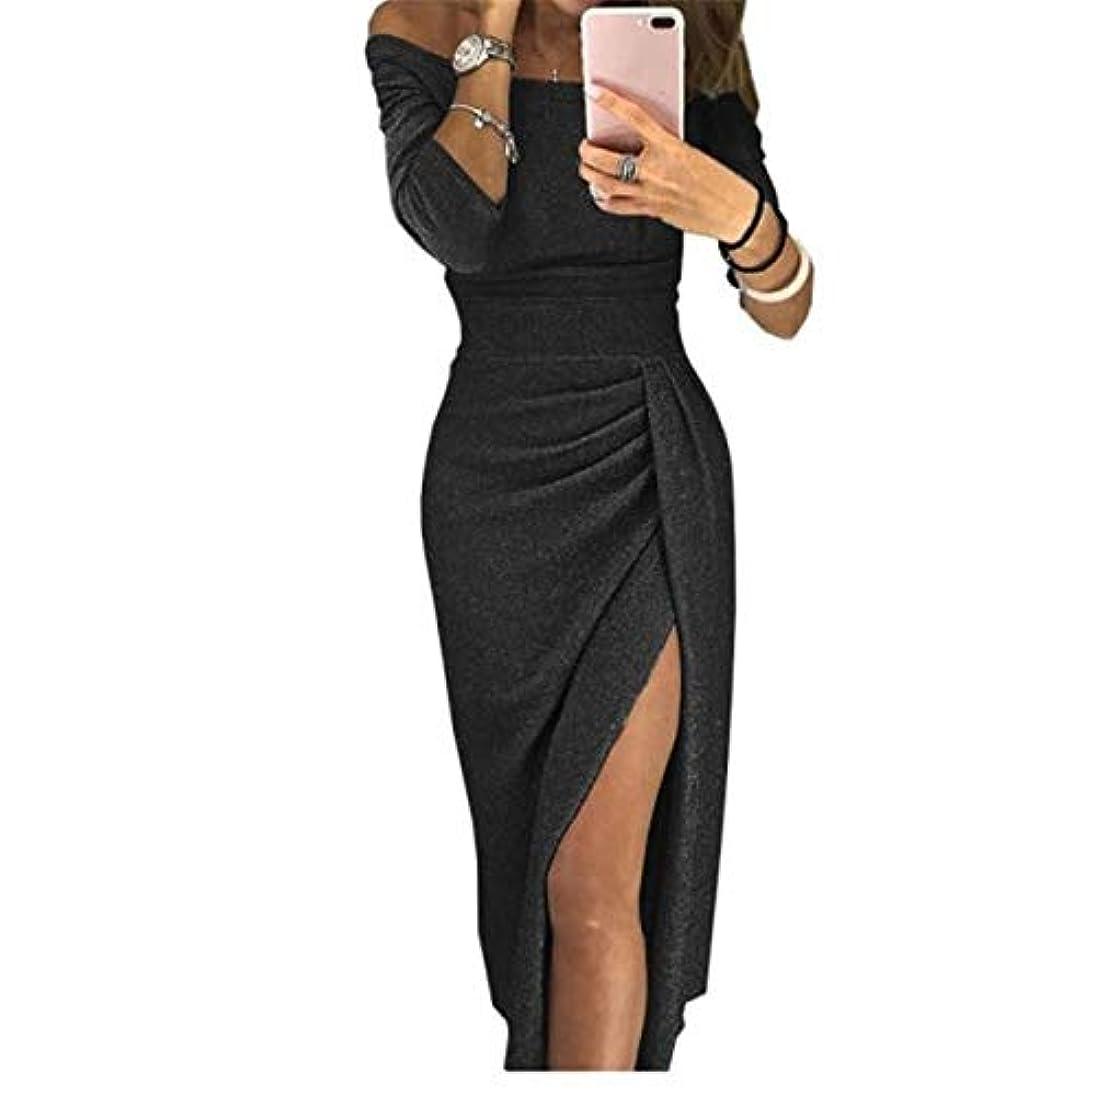 没頭するツインルーOnderroa - 夏の女性のドレスはネックパッケージヒップスプリットセクシーなスパンコールのドレスレディース包帯パーティーナイトクラブミッドカーフ服装スラッシュ